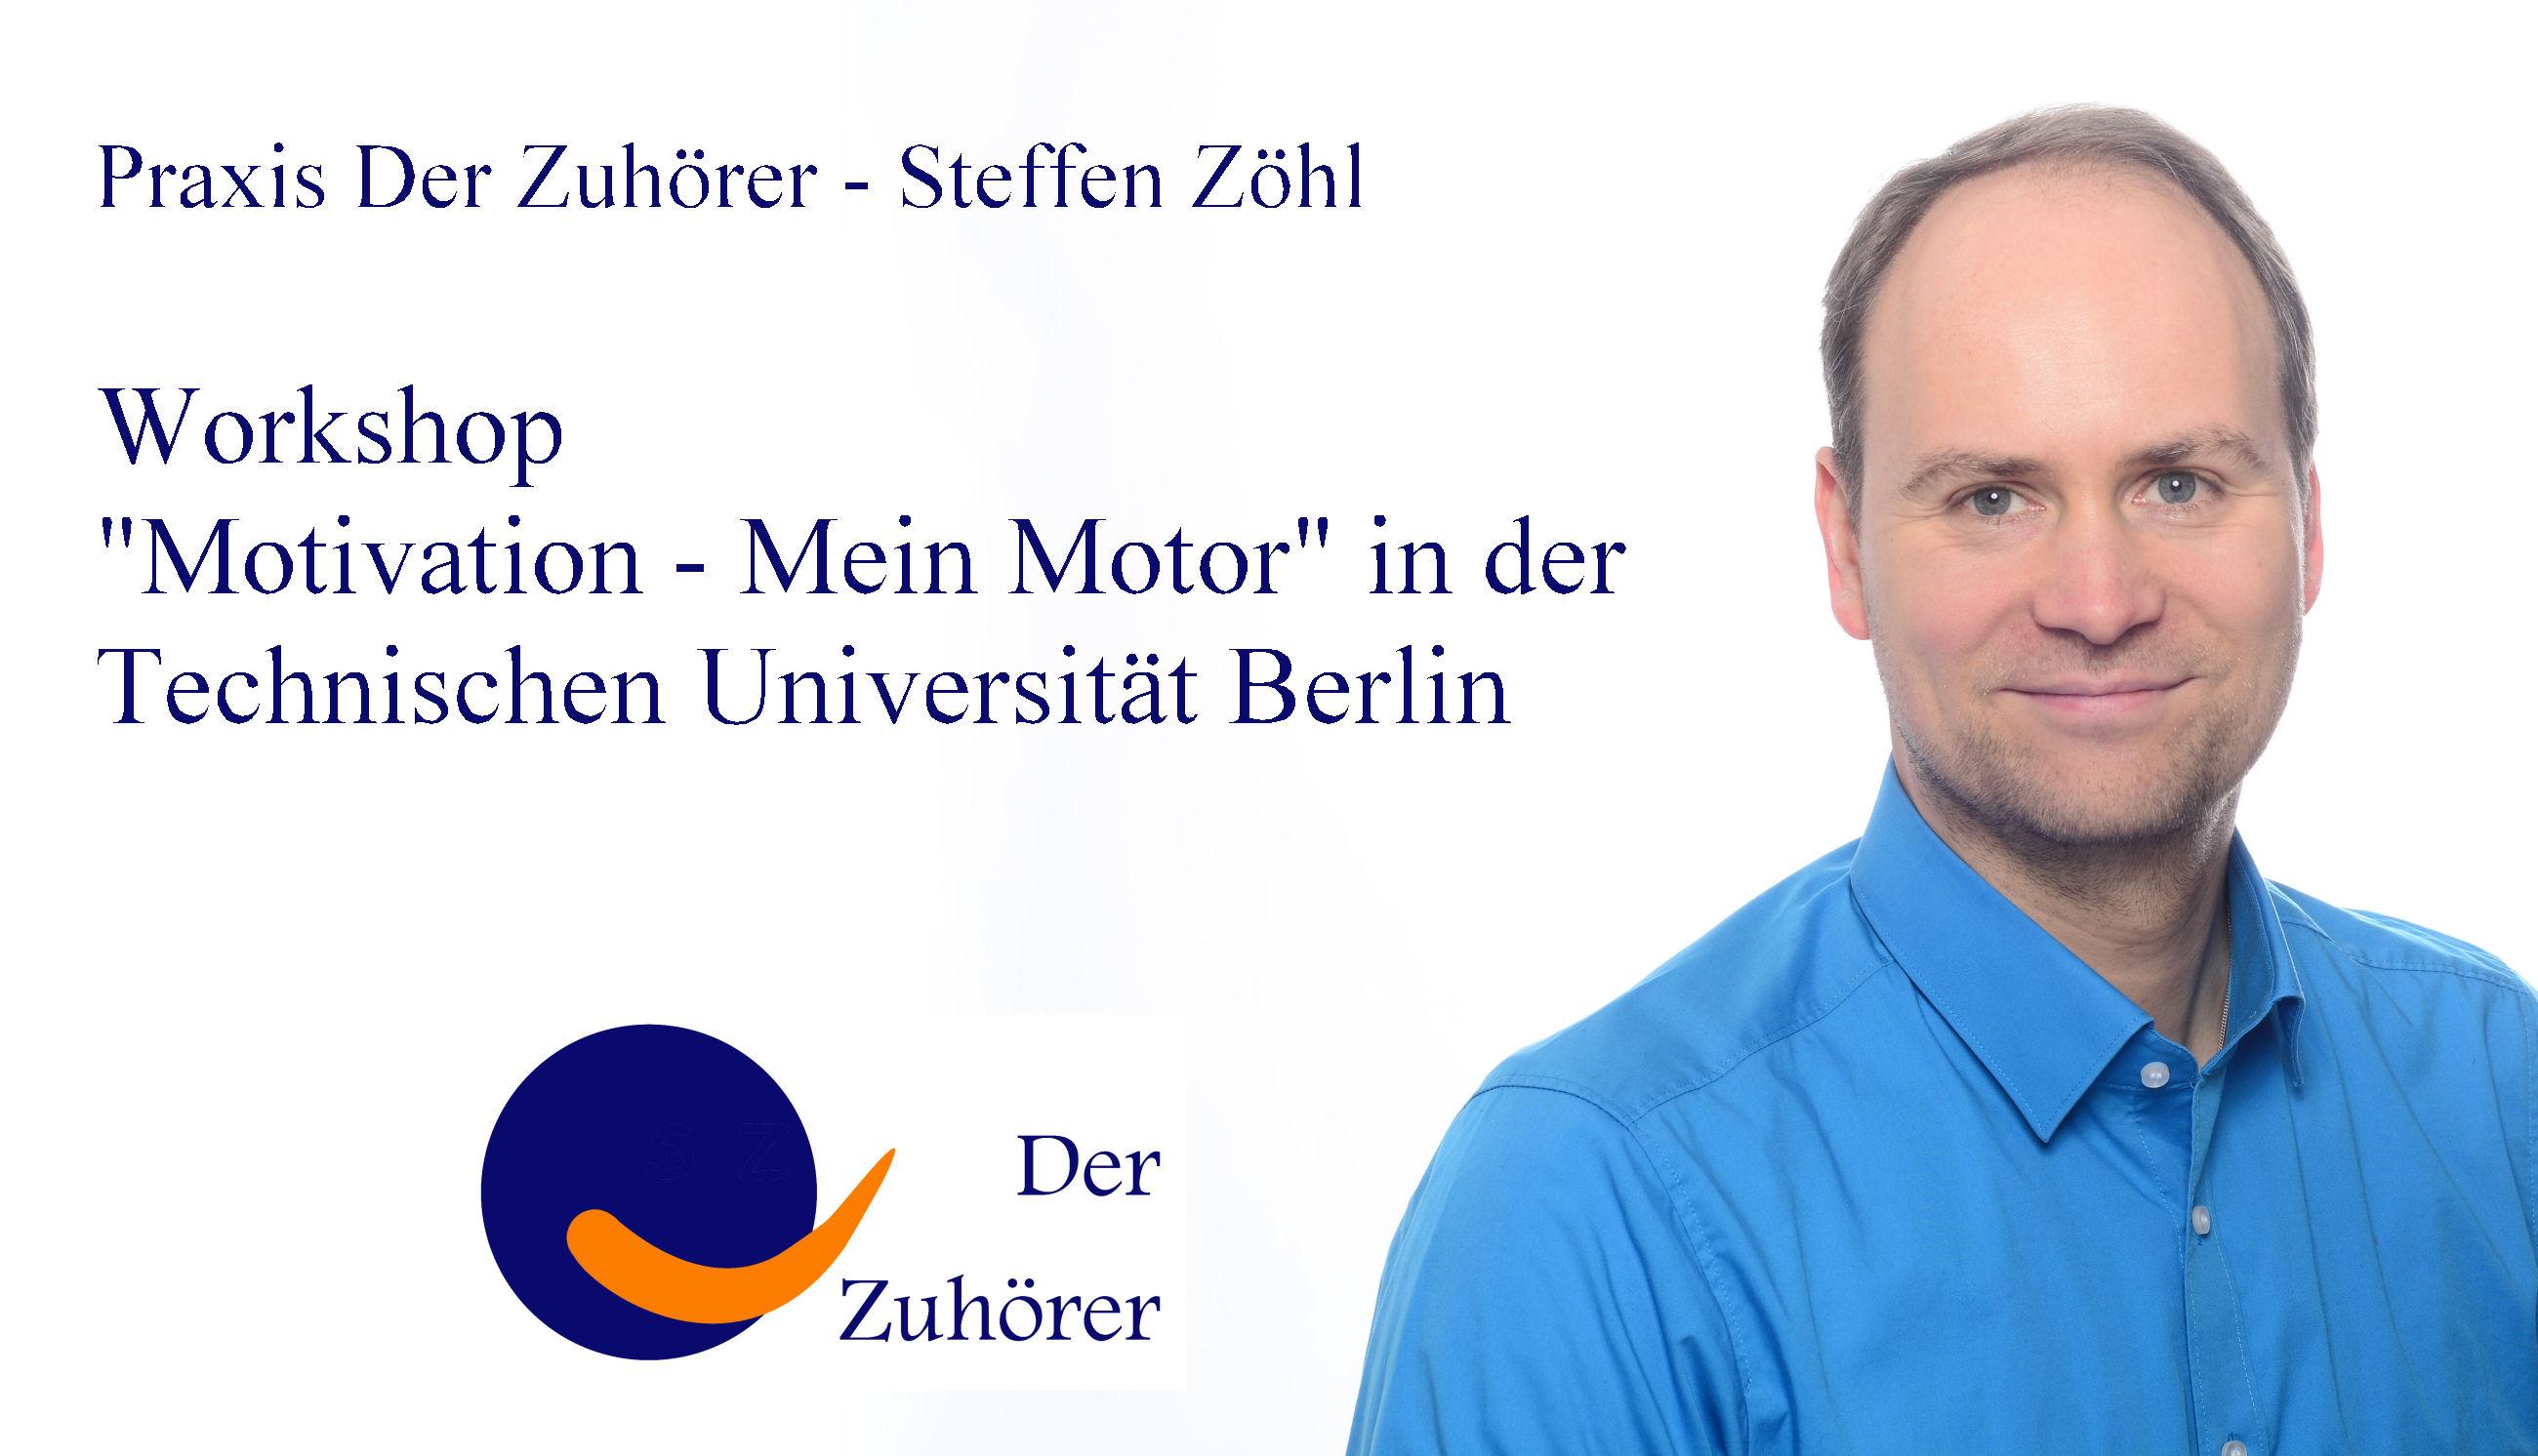 Workshop Motivation TU Berlin Technische Universität © Praxis Der Zuhörer - Steffen Zöhl, 2017